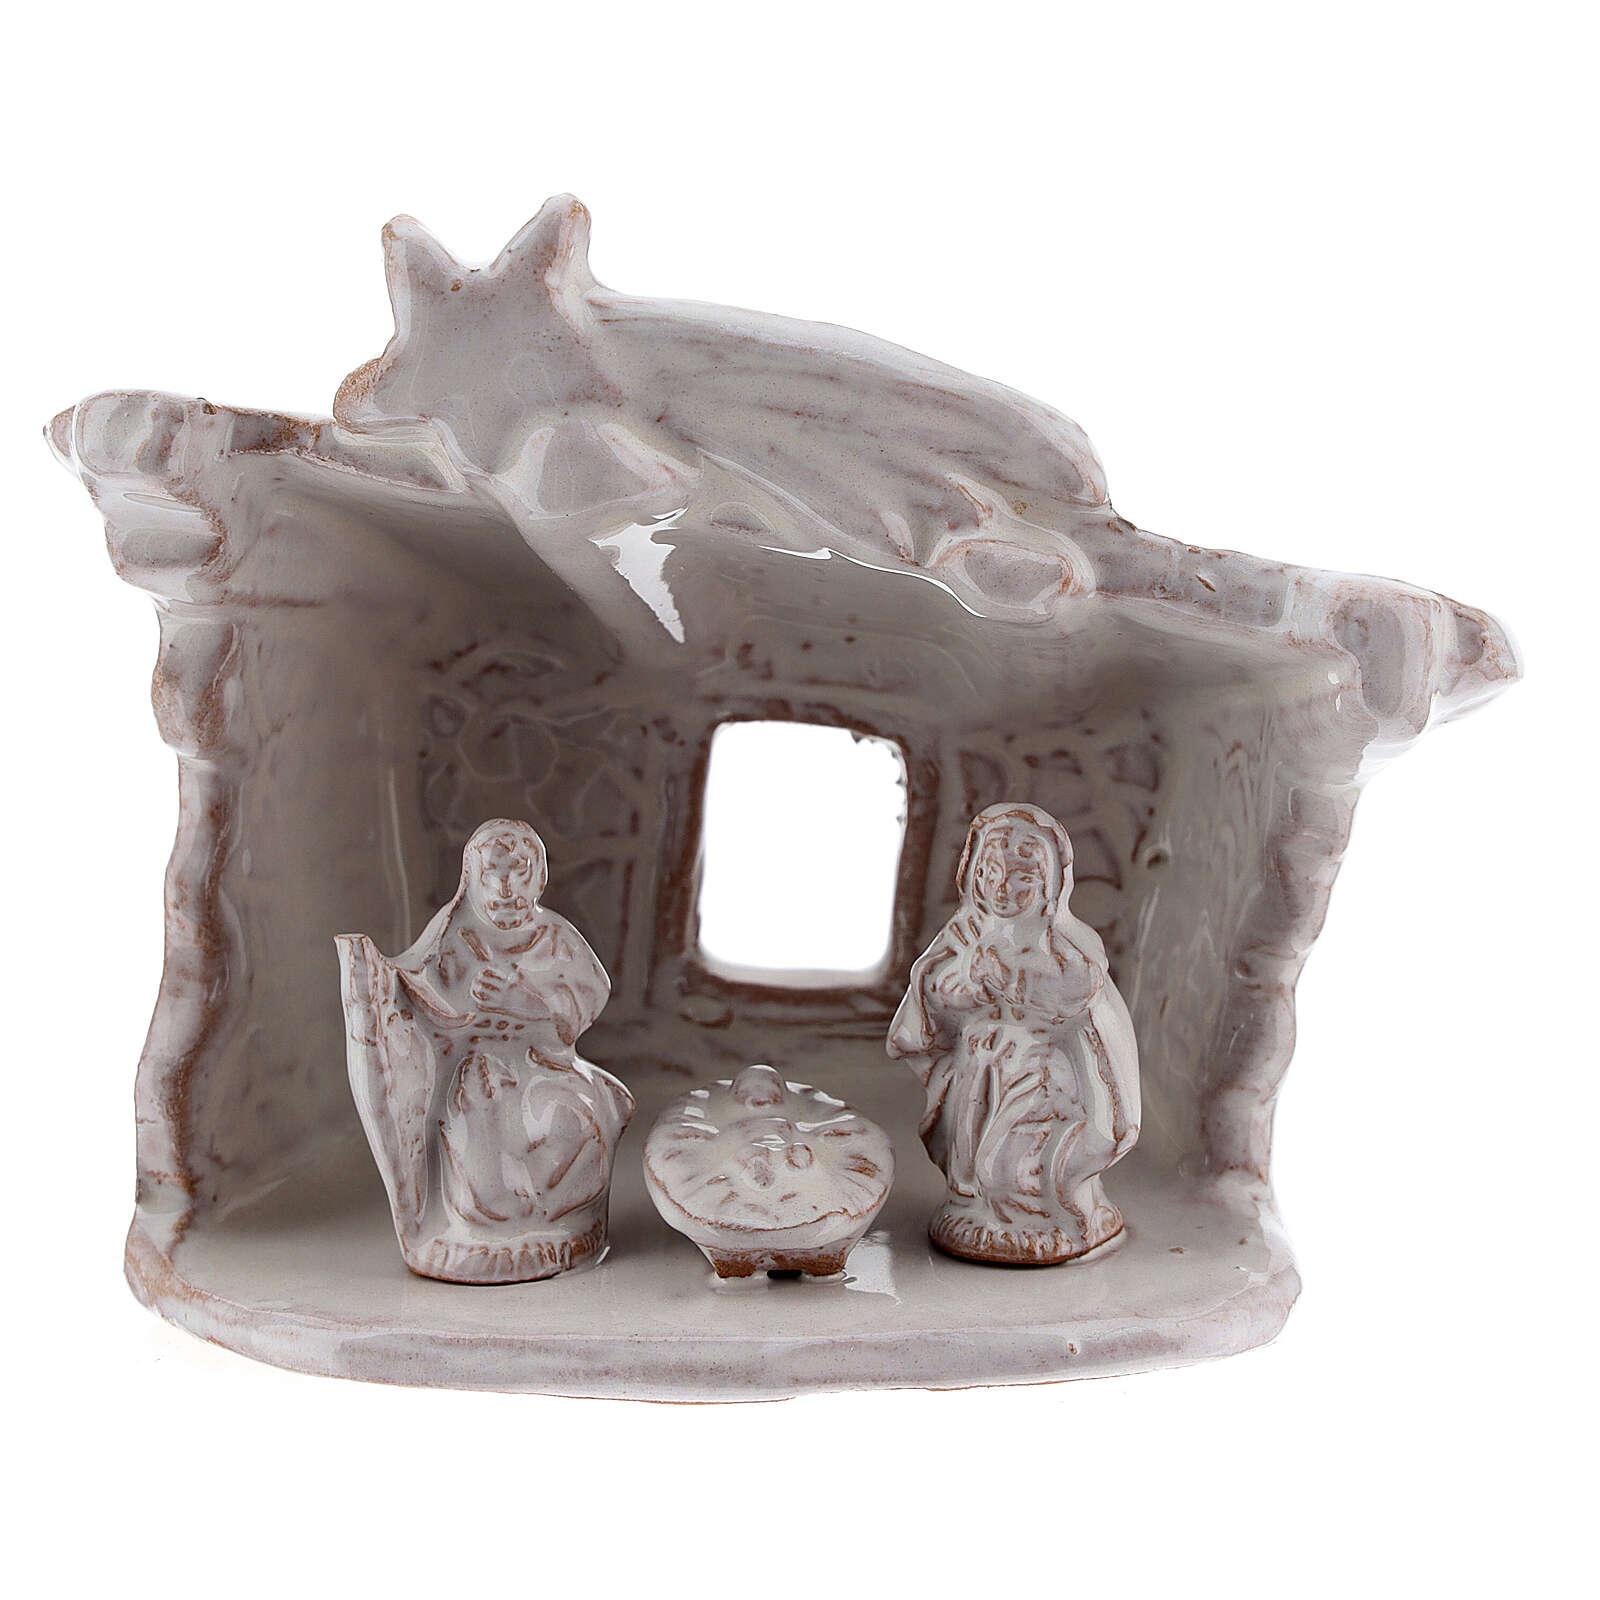 Capanna presepe Natività tetto piatto terracotta bianca Deruta 8 cm 4